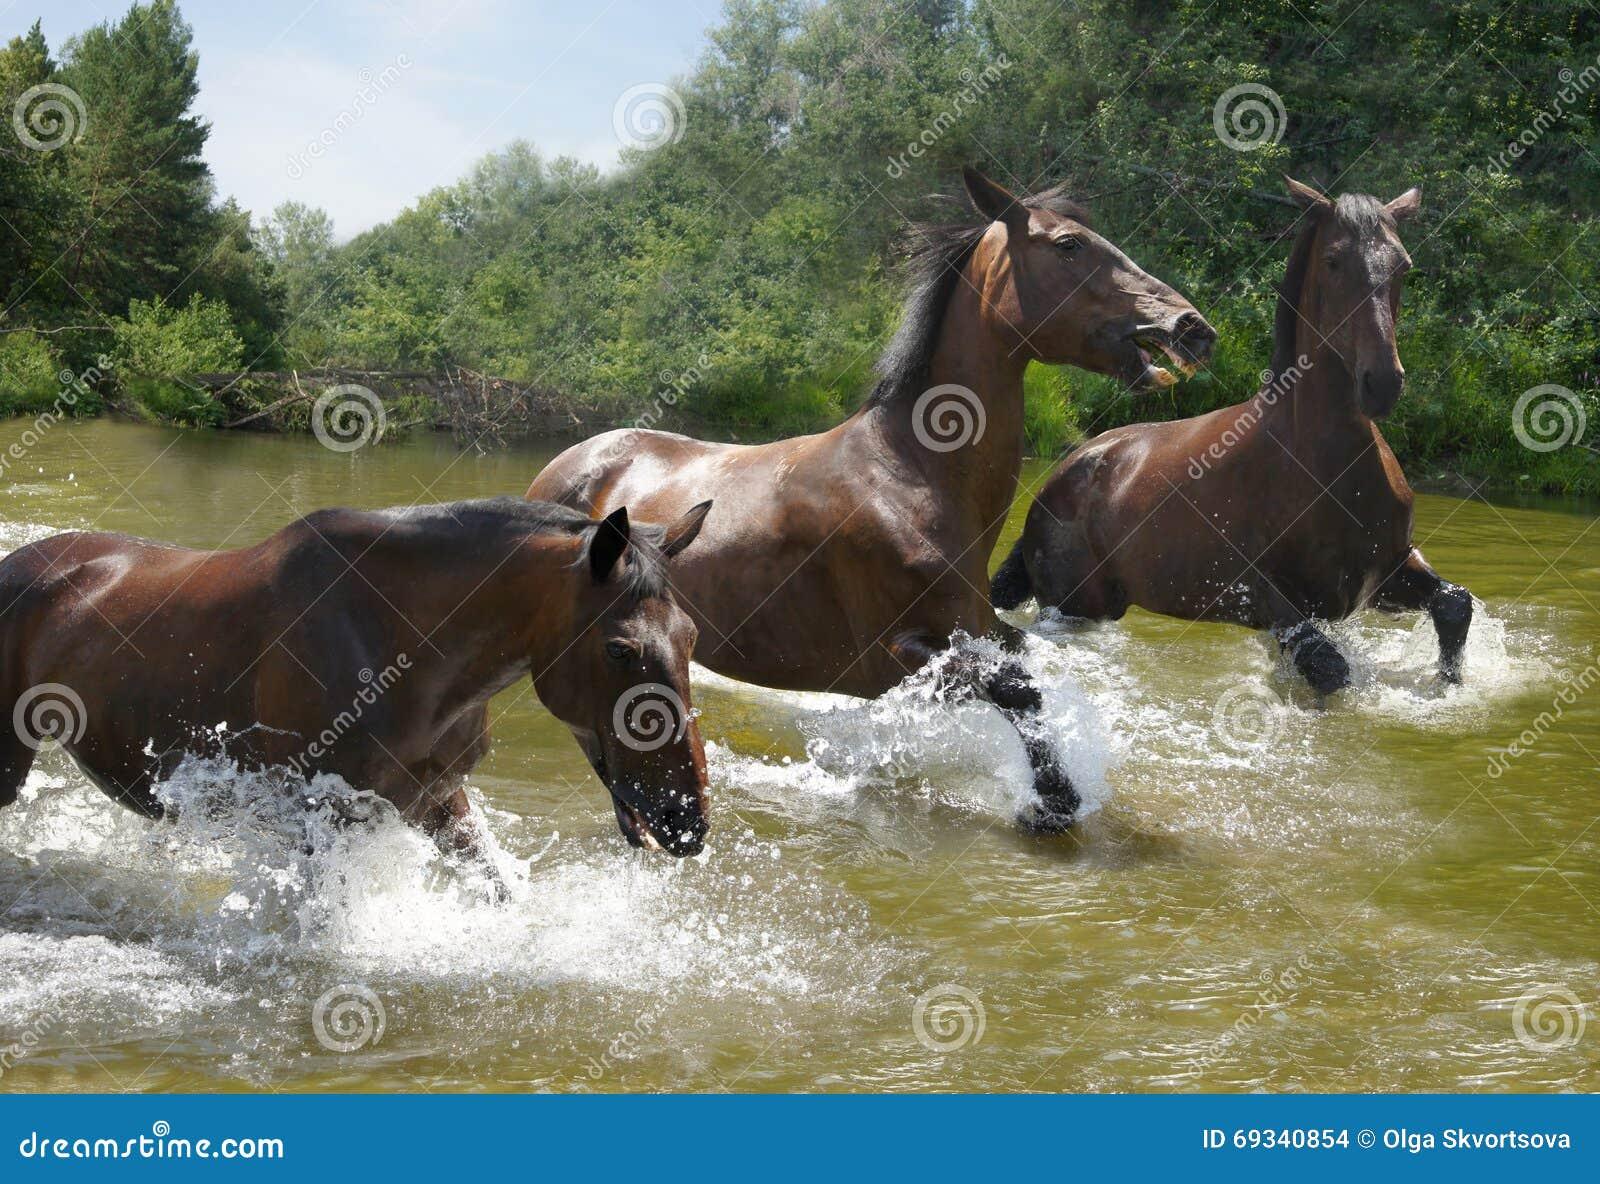 Табун лошадей скакать на воде